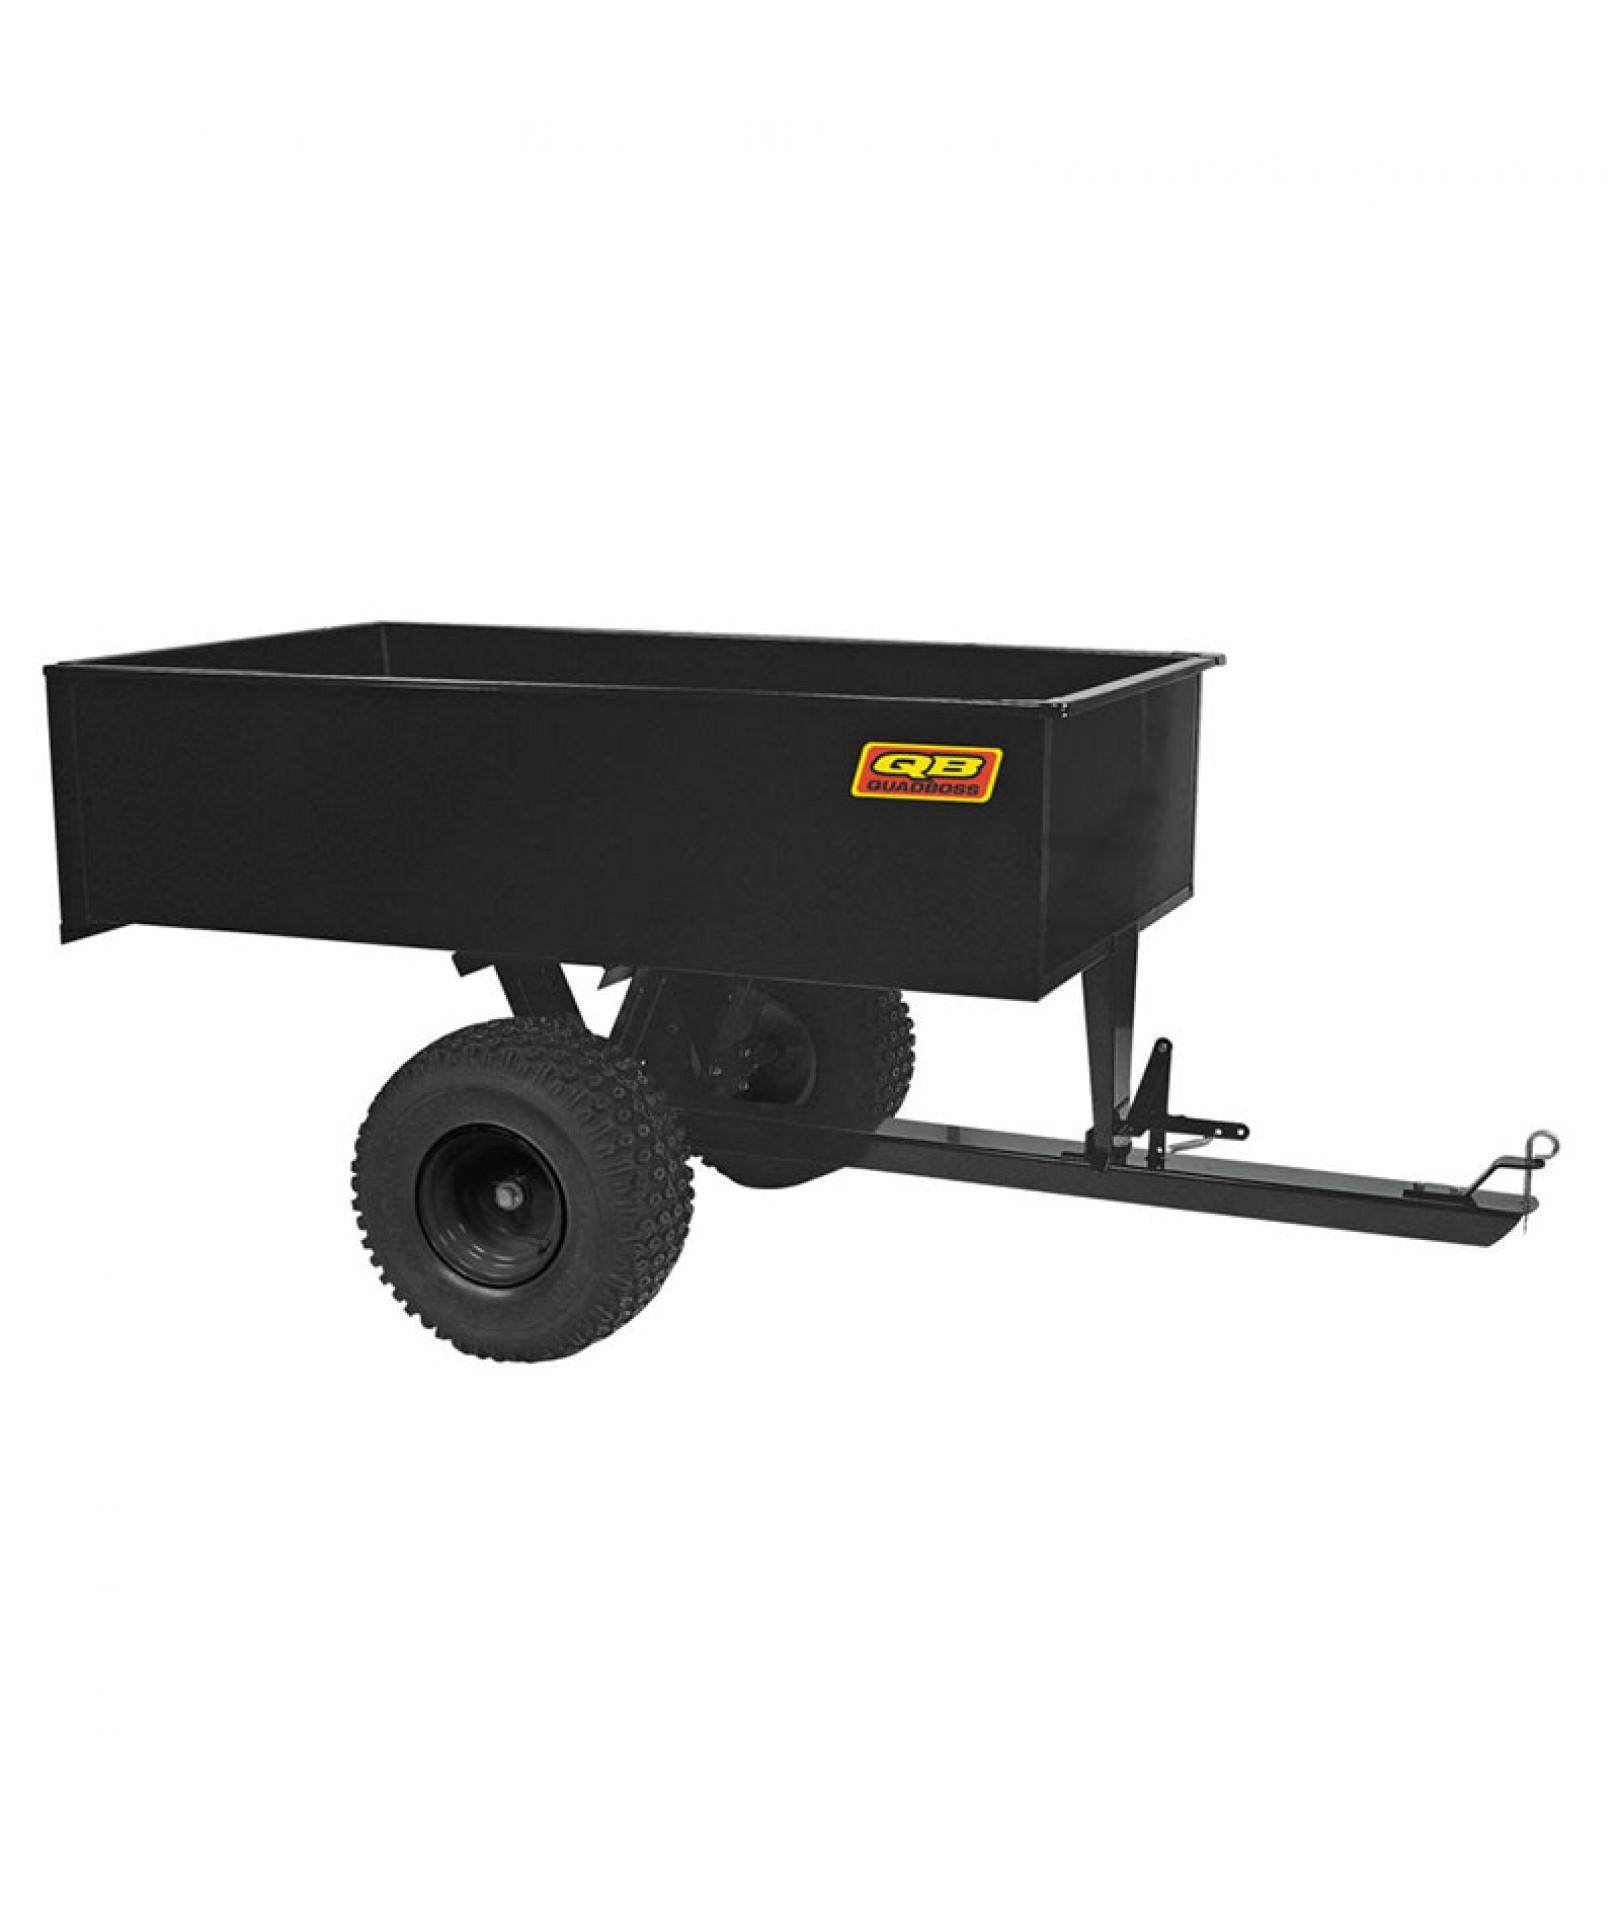 Heavy Duty Tractor Trailer : Large heavy duty dump trailer trailers carts